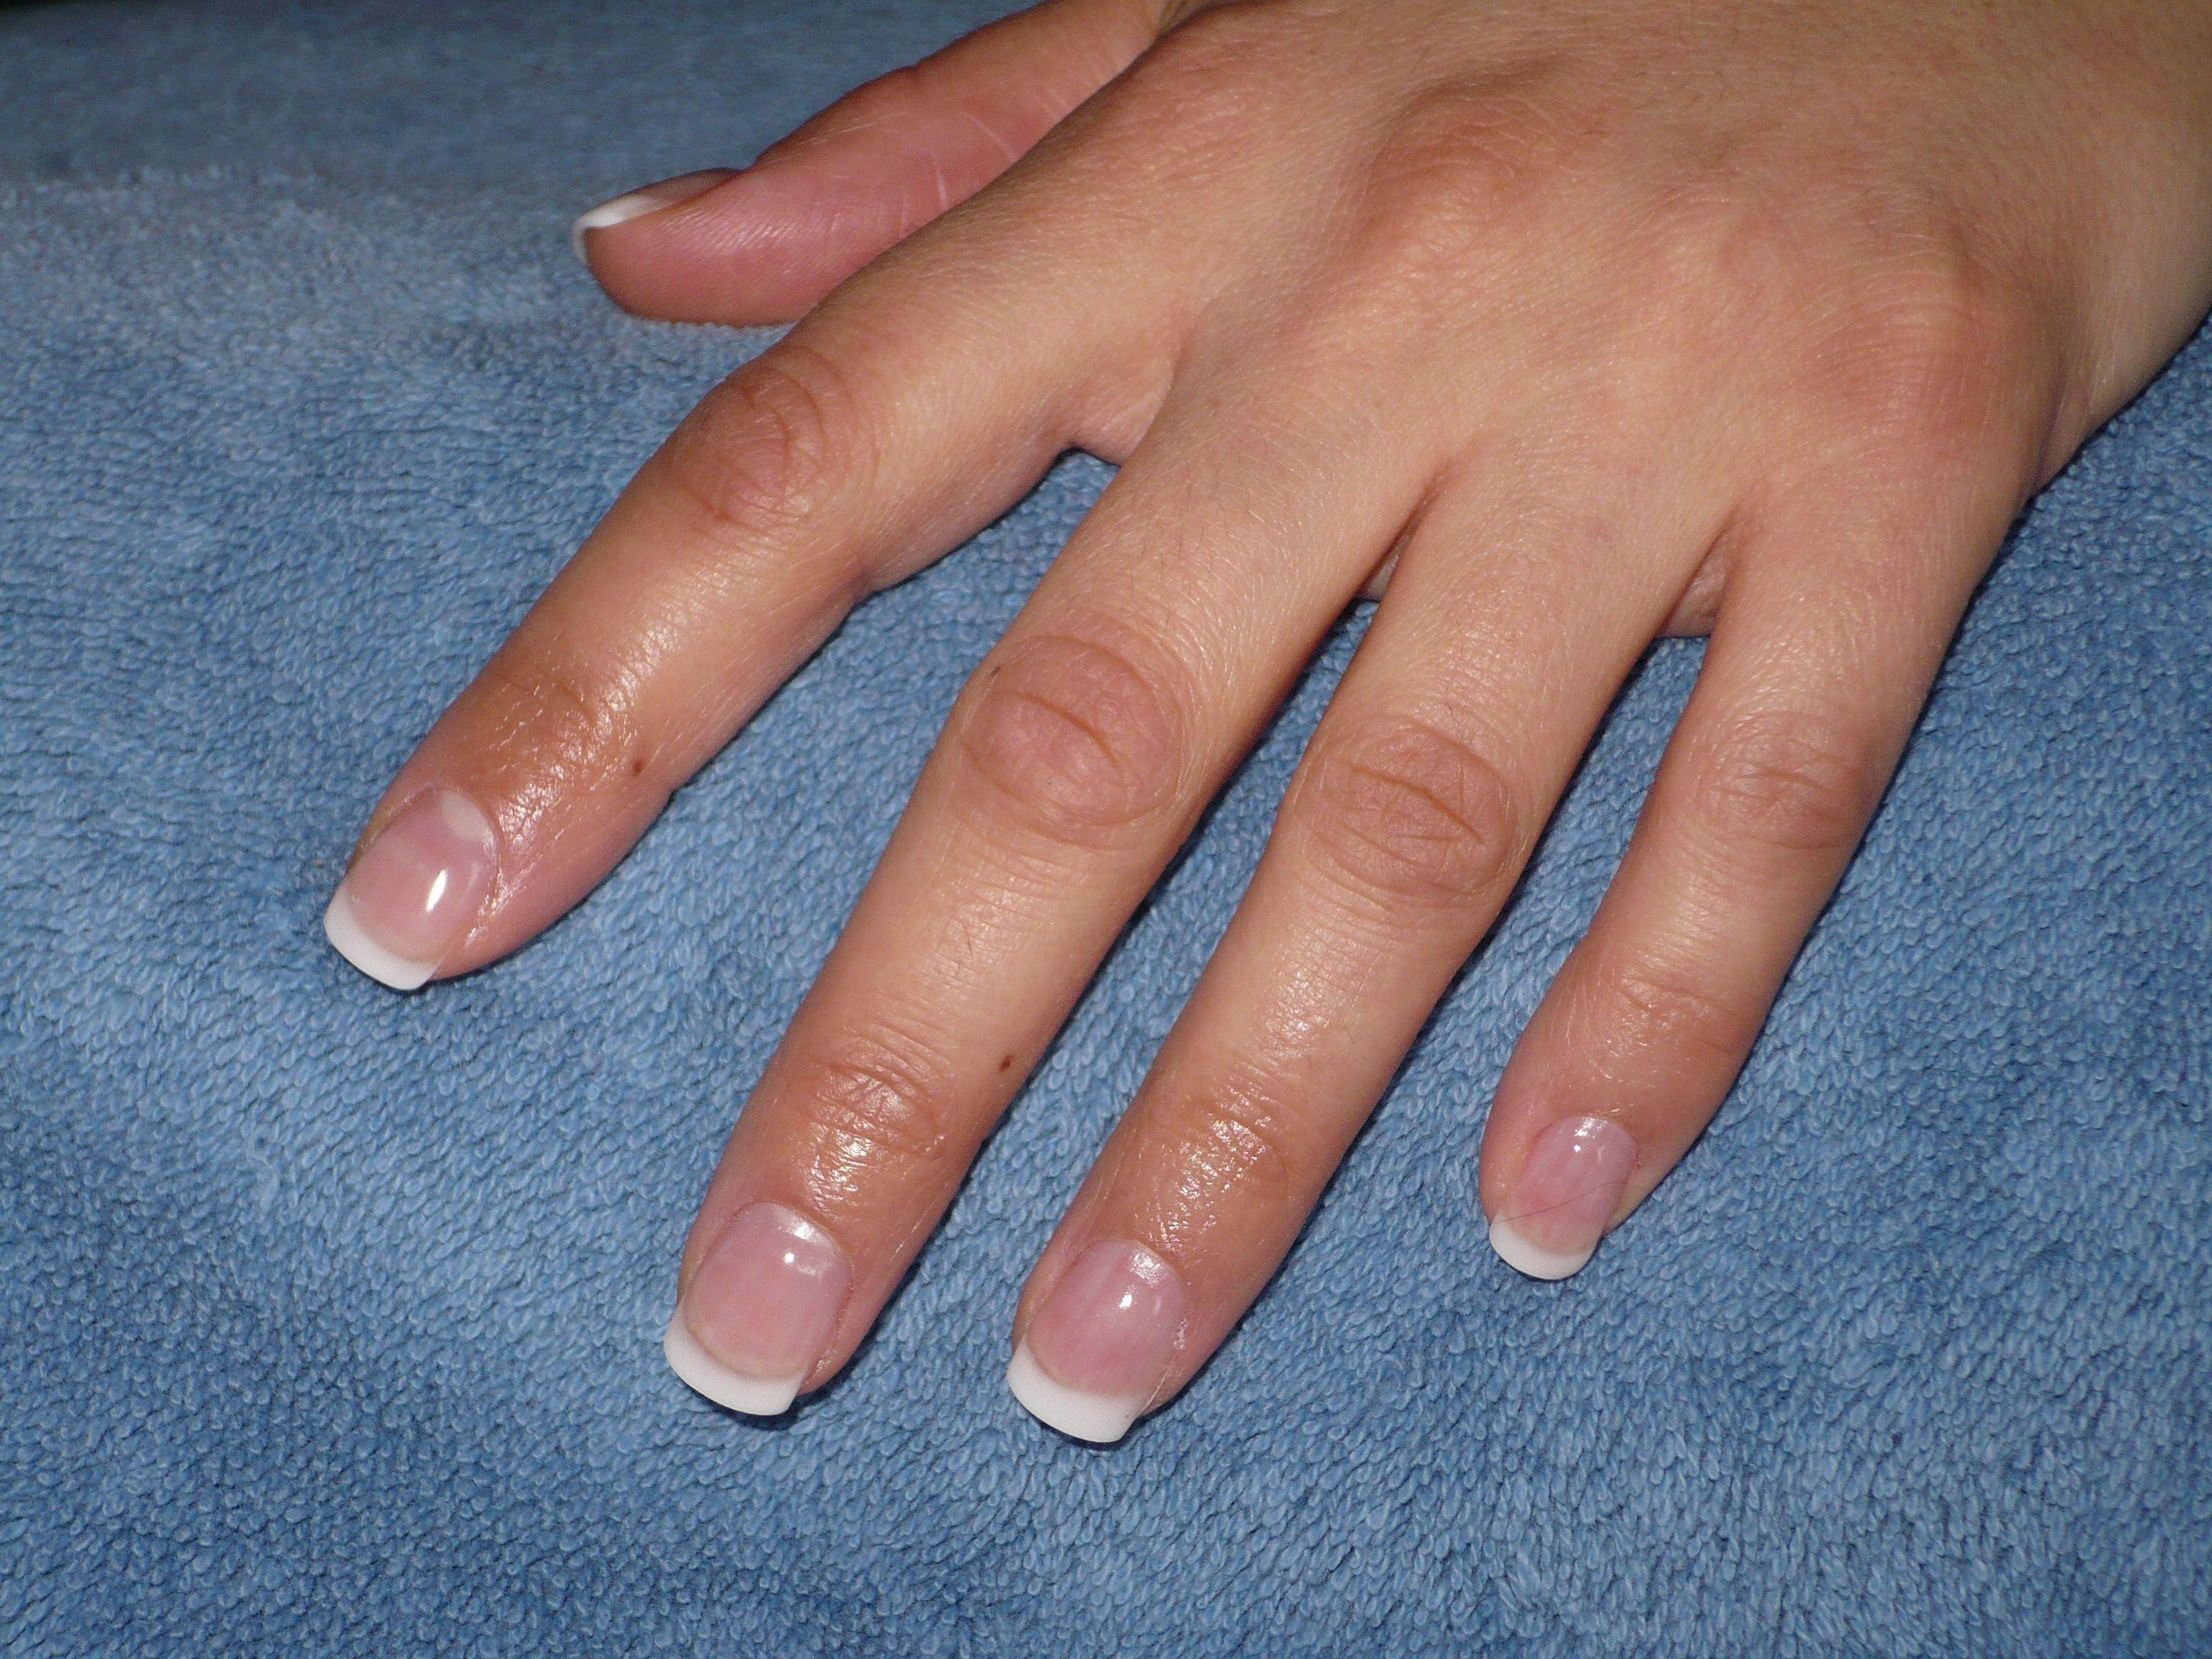 First Sport Length Fashion Nails Natural Nail Care Hair Skin Nails